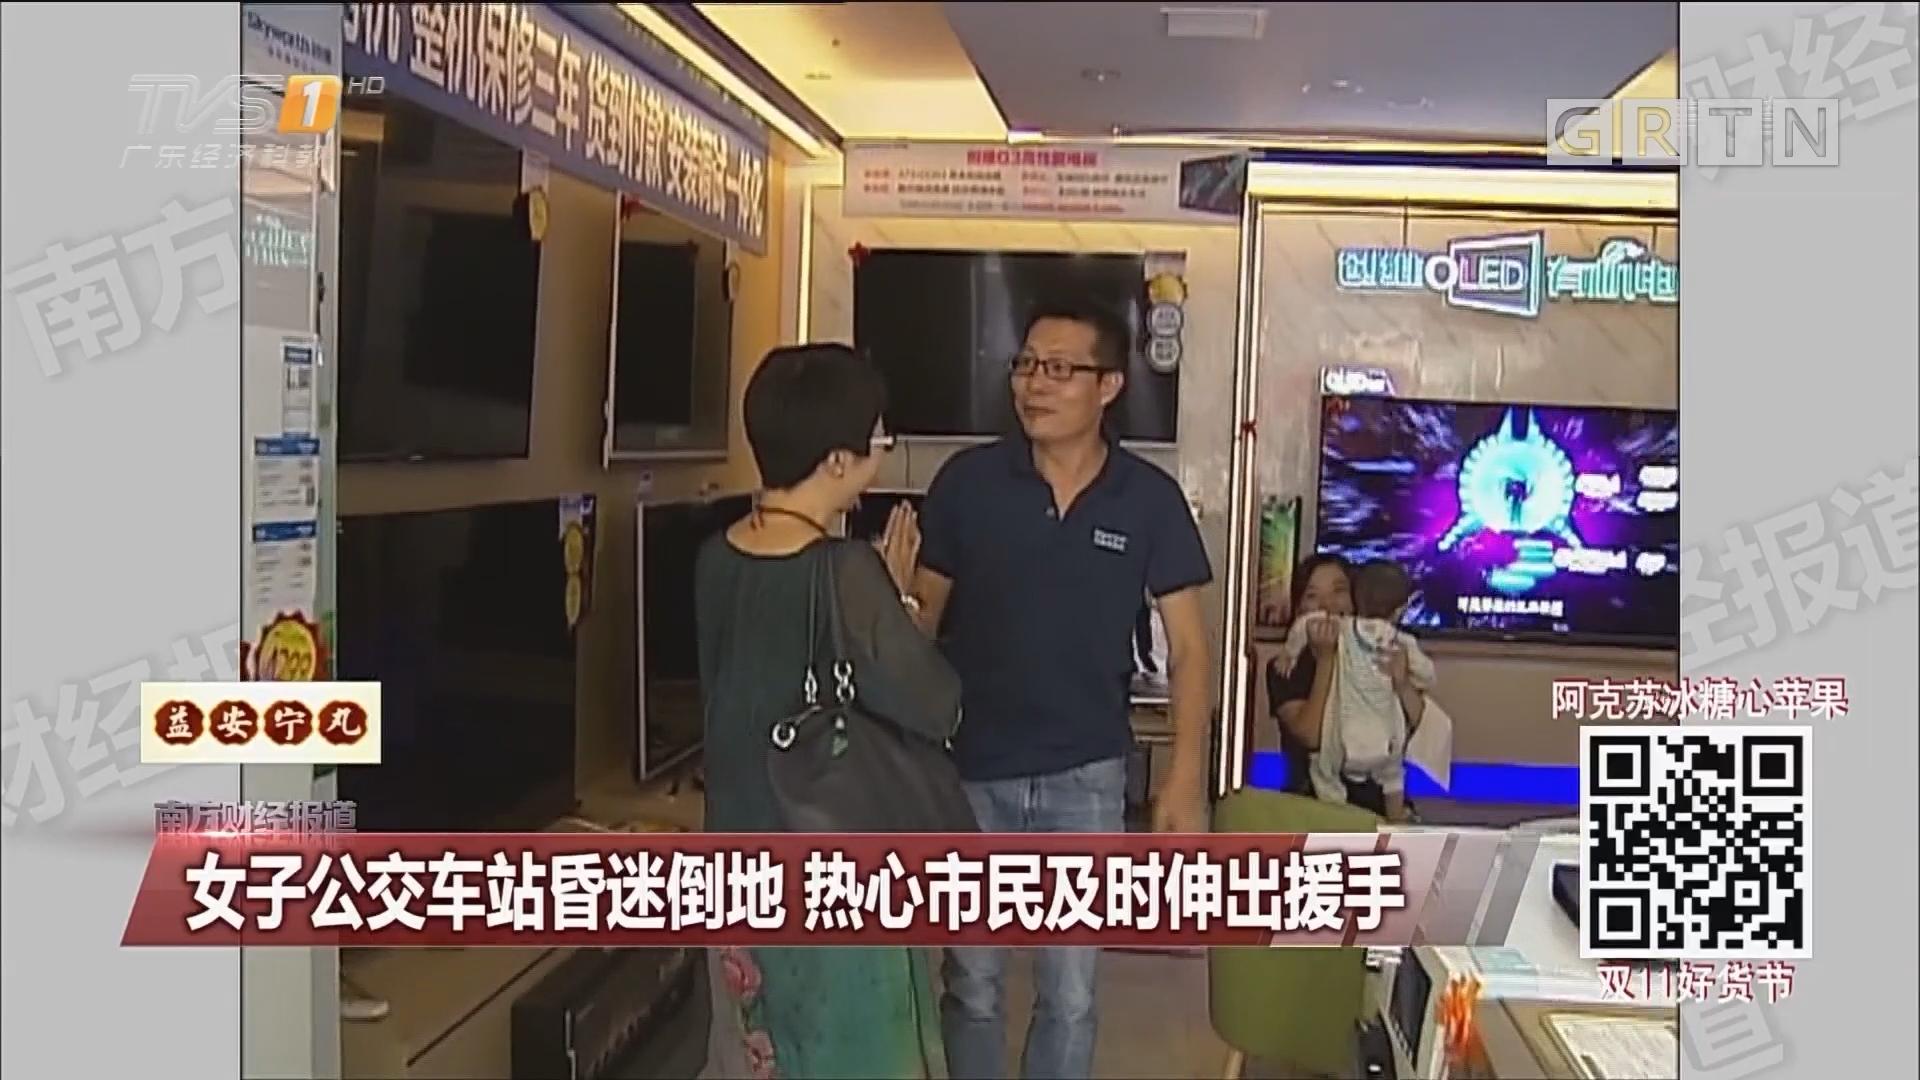 女子公交车站昏迷倒地 热心市民及时伸出援手